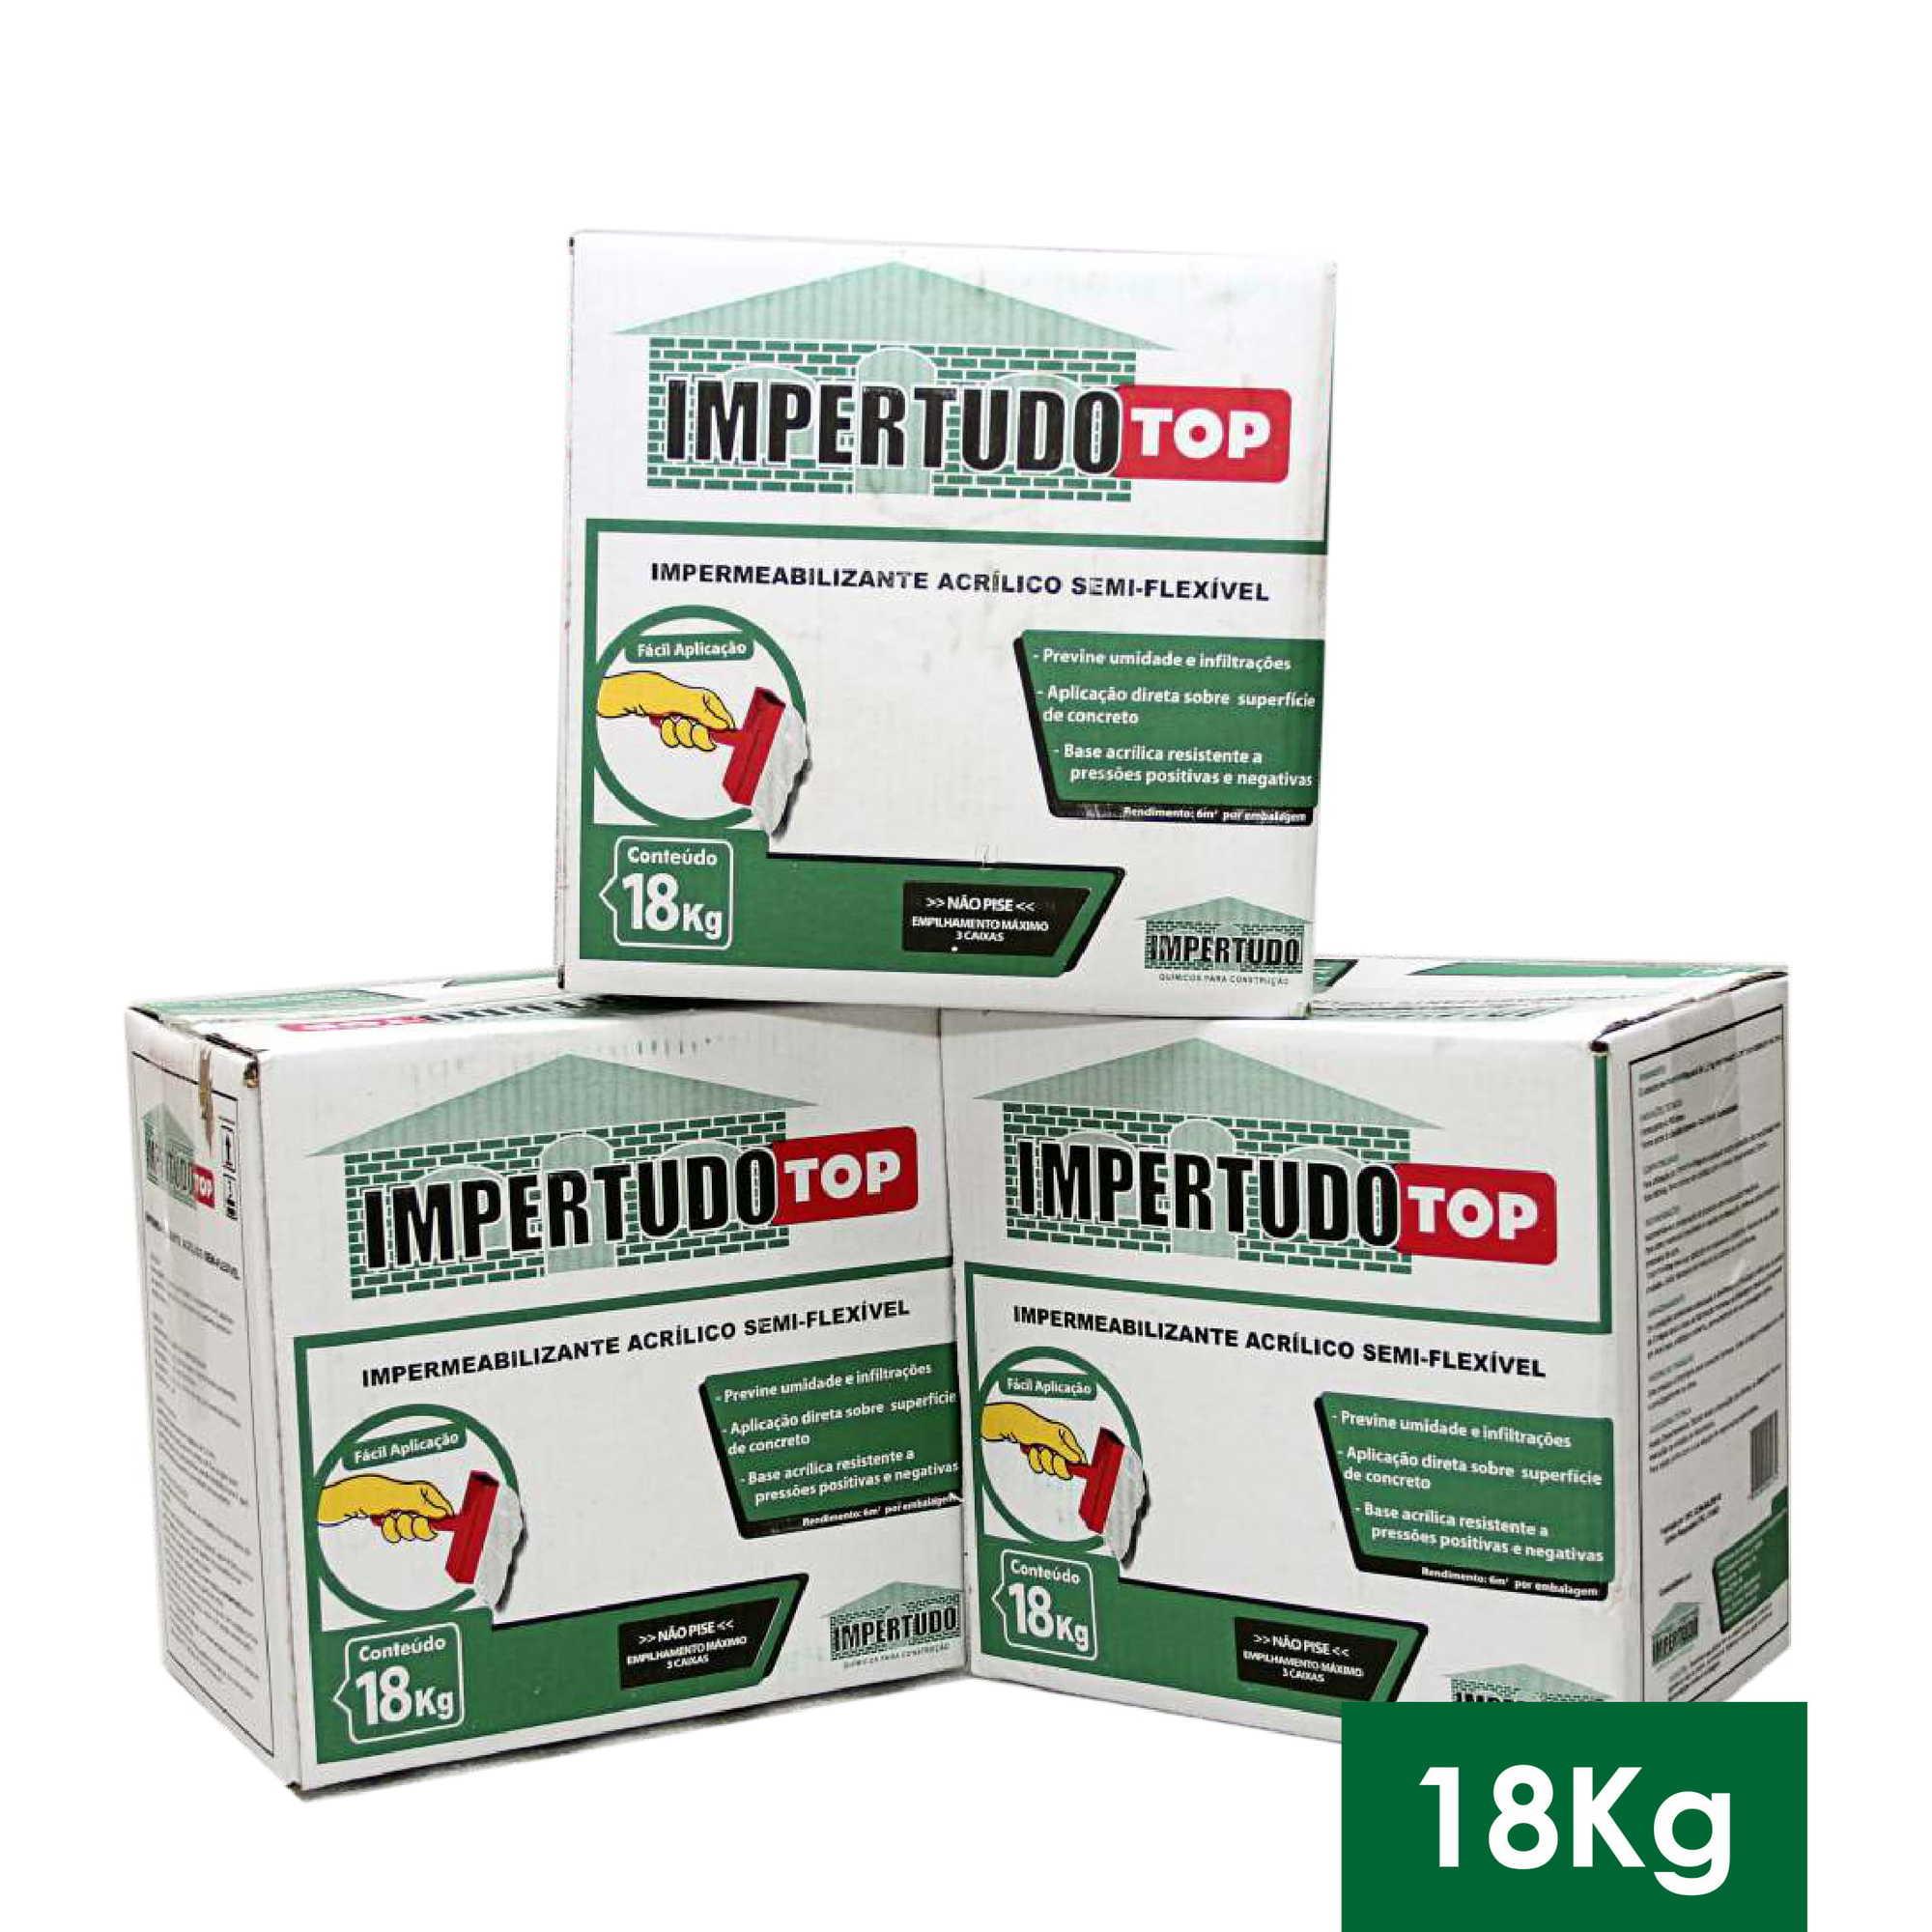 IMPERTUDO TOP - CAIXA 18 KG